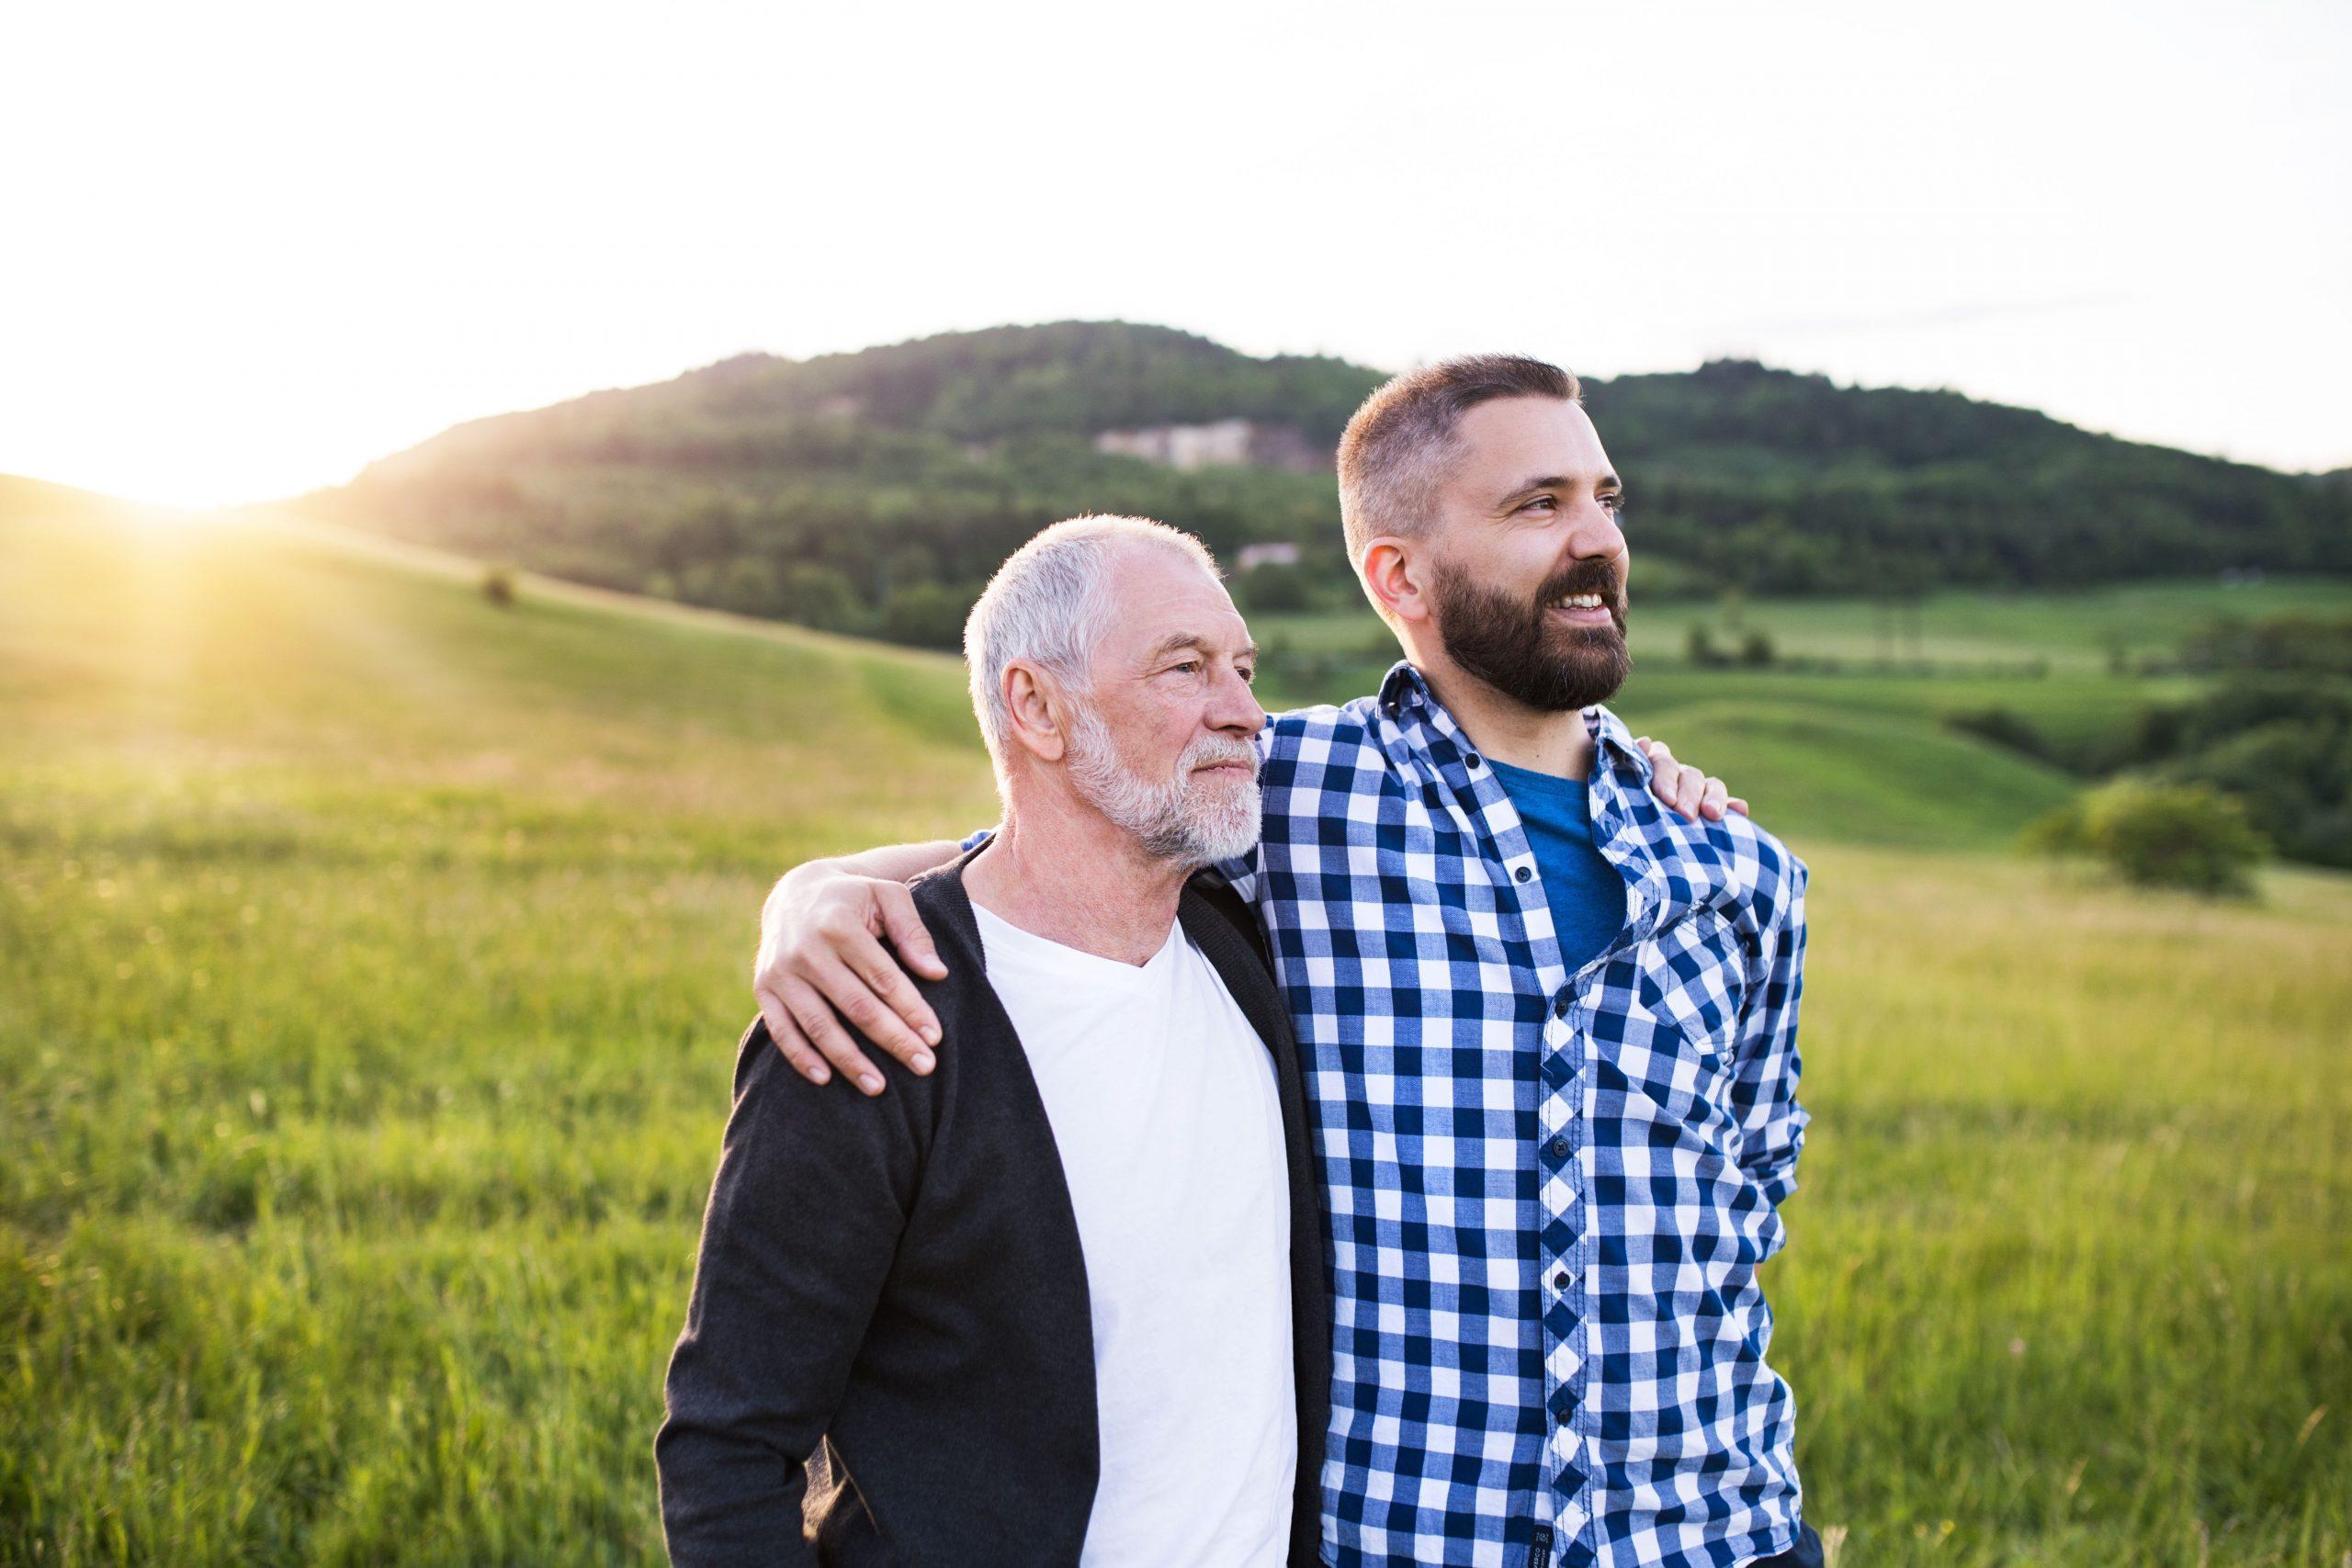 Vater steht mit seinem erwachsenem Sohn auf einer grünen Wiese